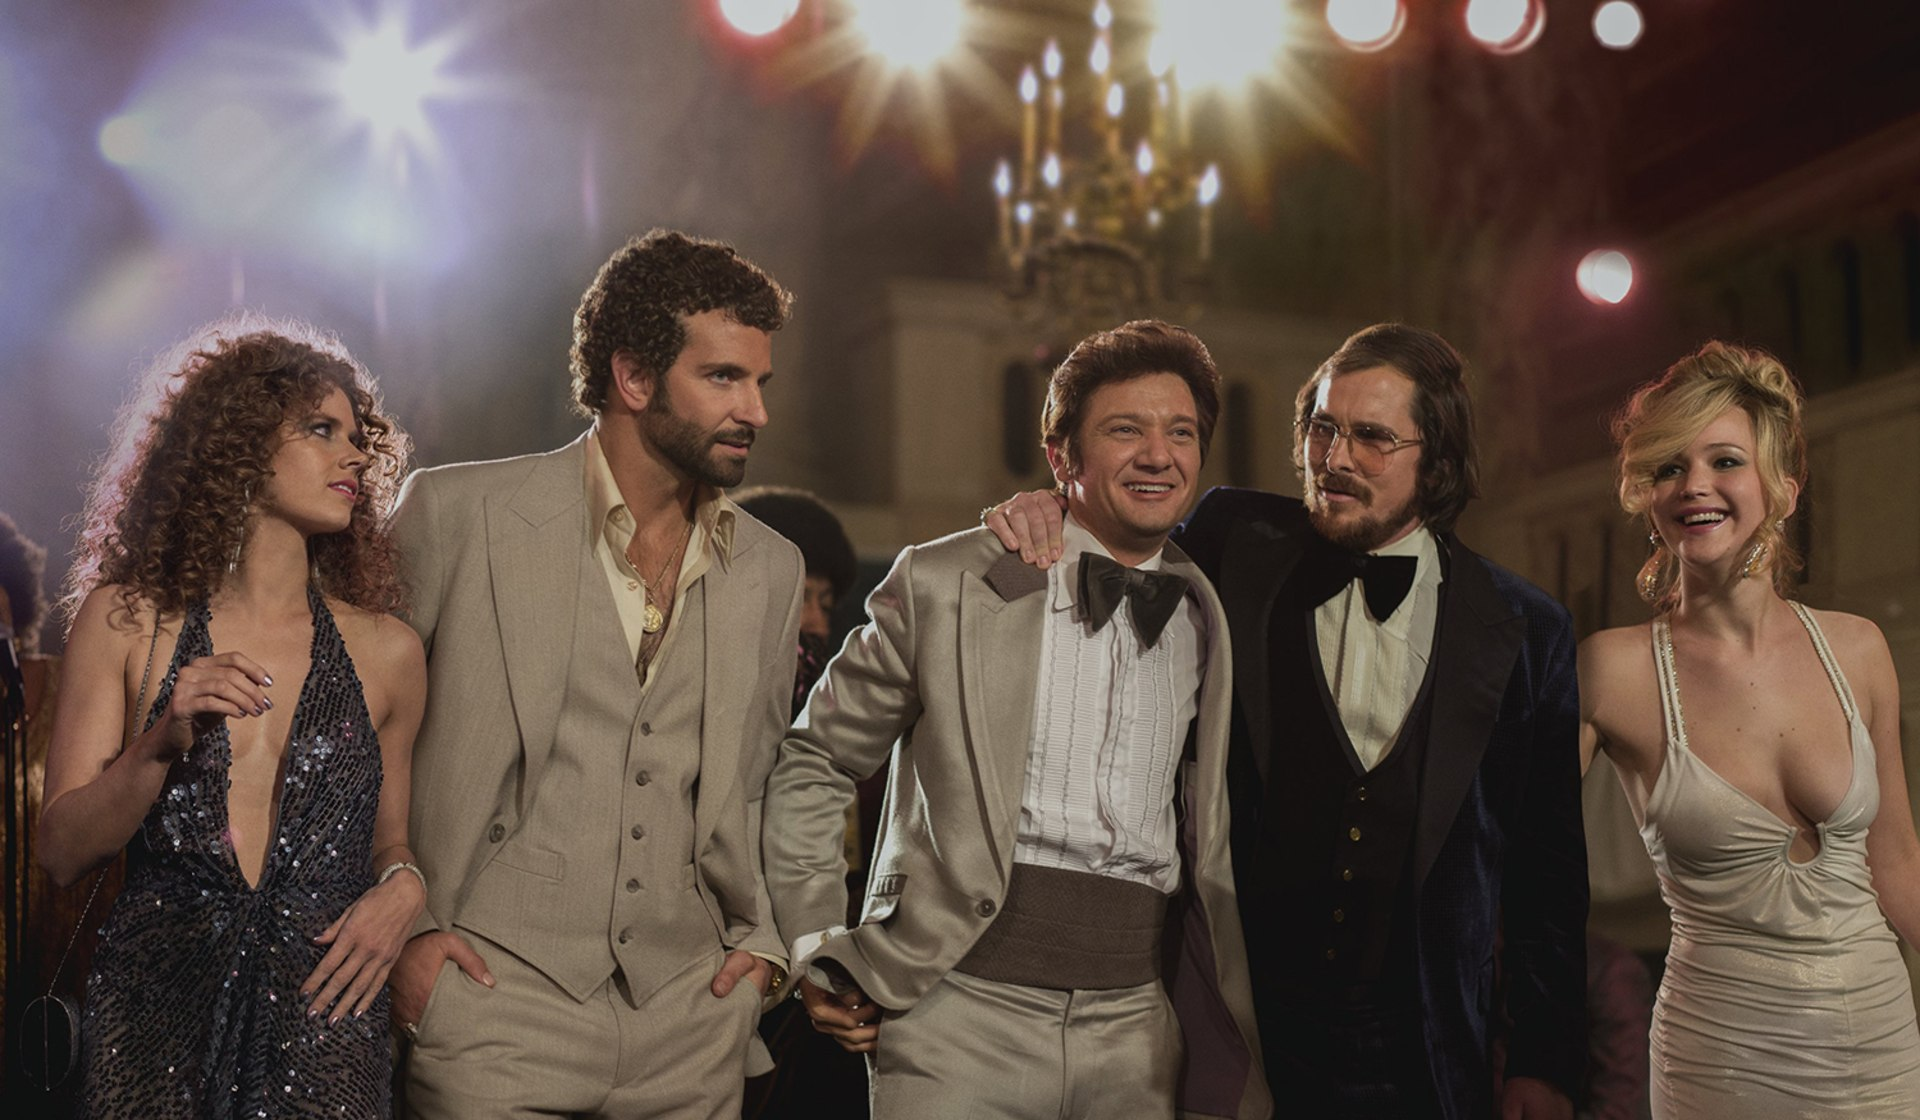 Image: Christian Bale Bradley Cooper Amy Adams Jeremy Renner Jennifer Lawrence